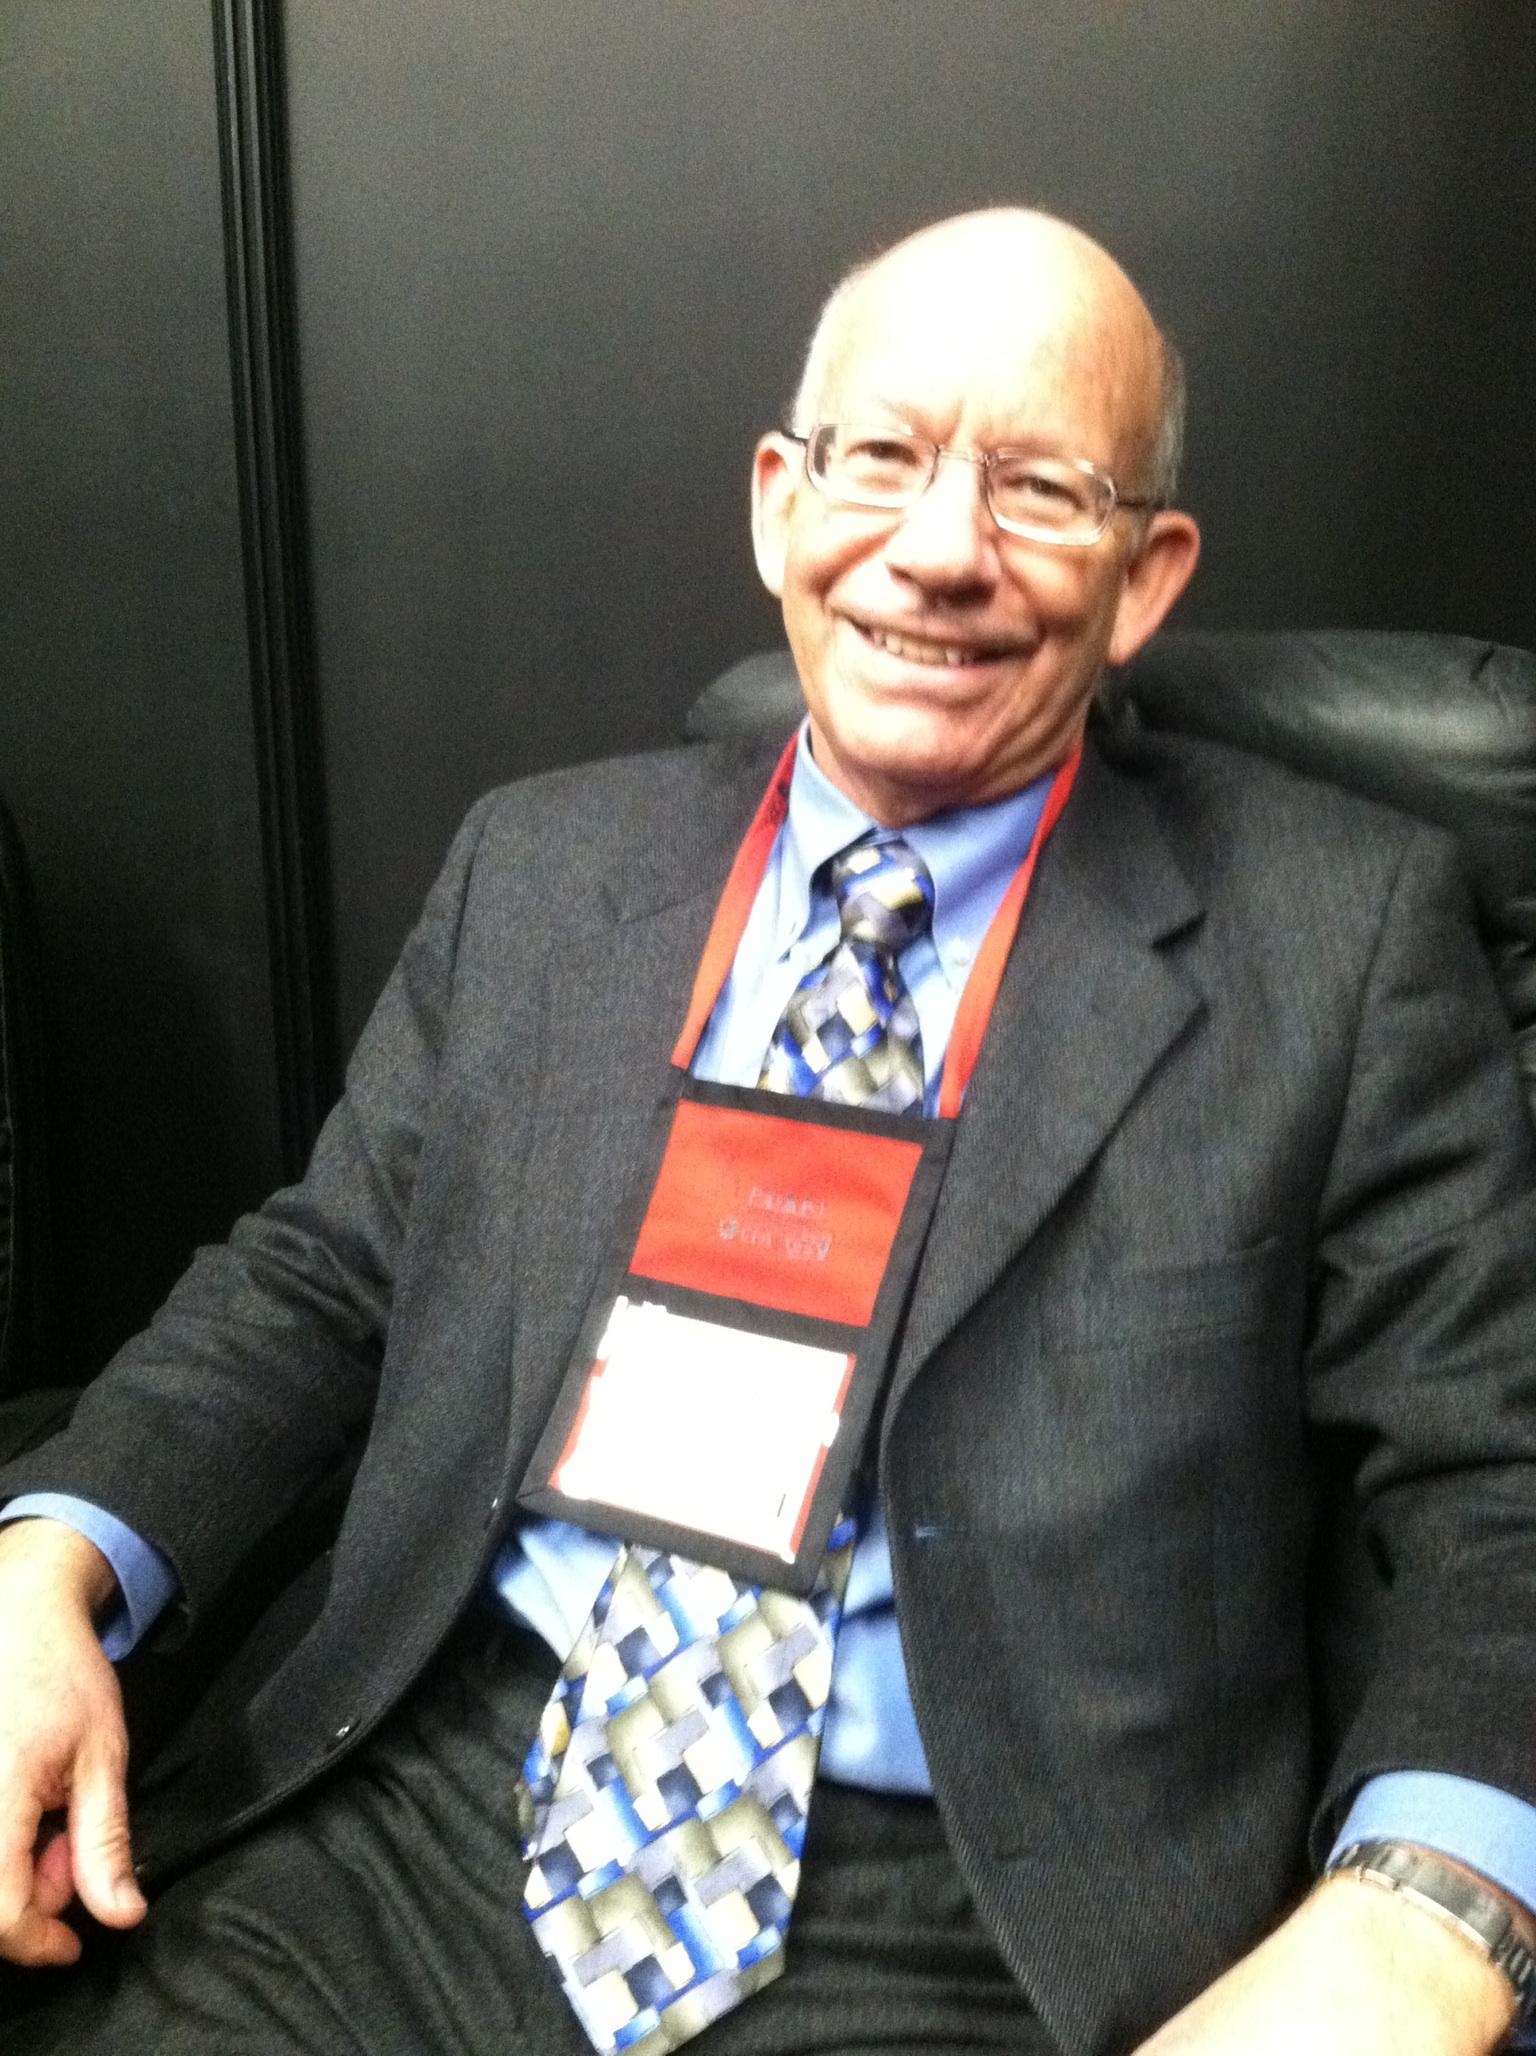 Rep. Peter DeFazio at CES 2013.